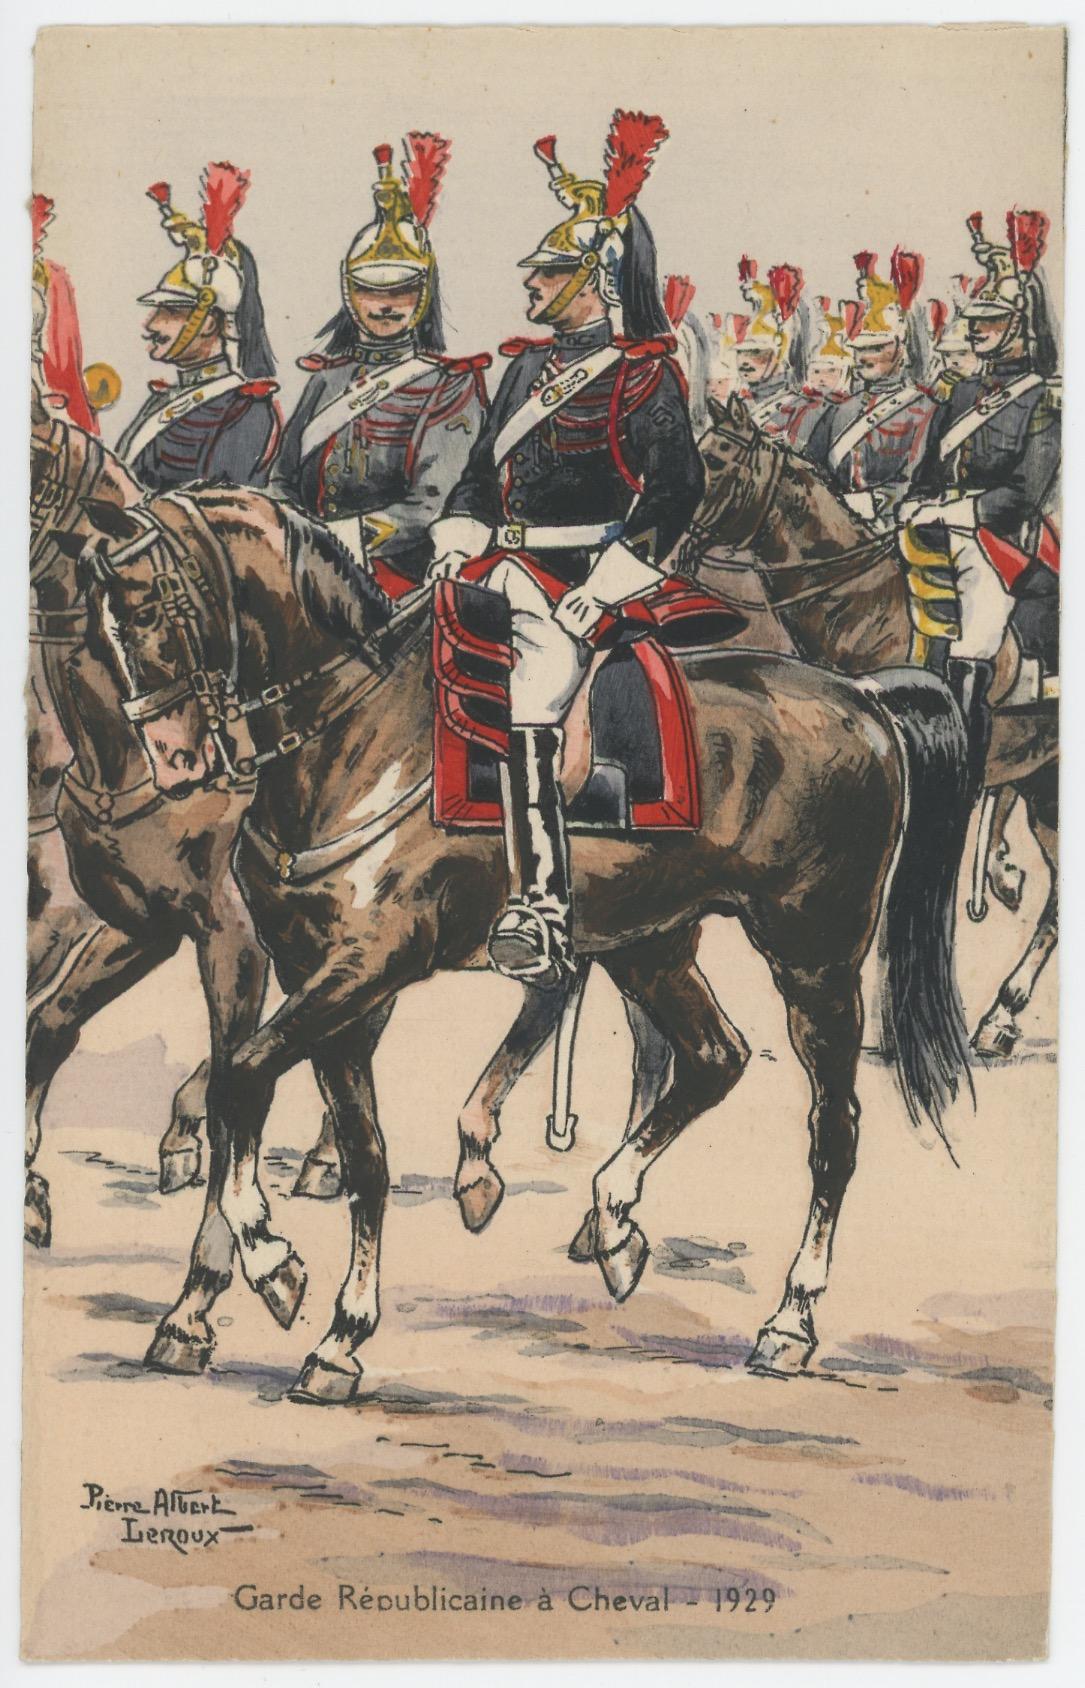 Carte Postale Illustrée - Pierre Albert Leroux- Edition Militaire Illustrées -Garde Républicaine à Cheval - 1930